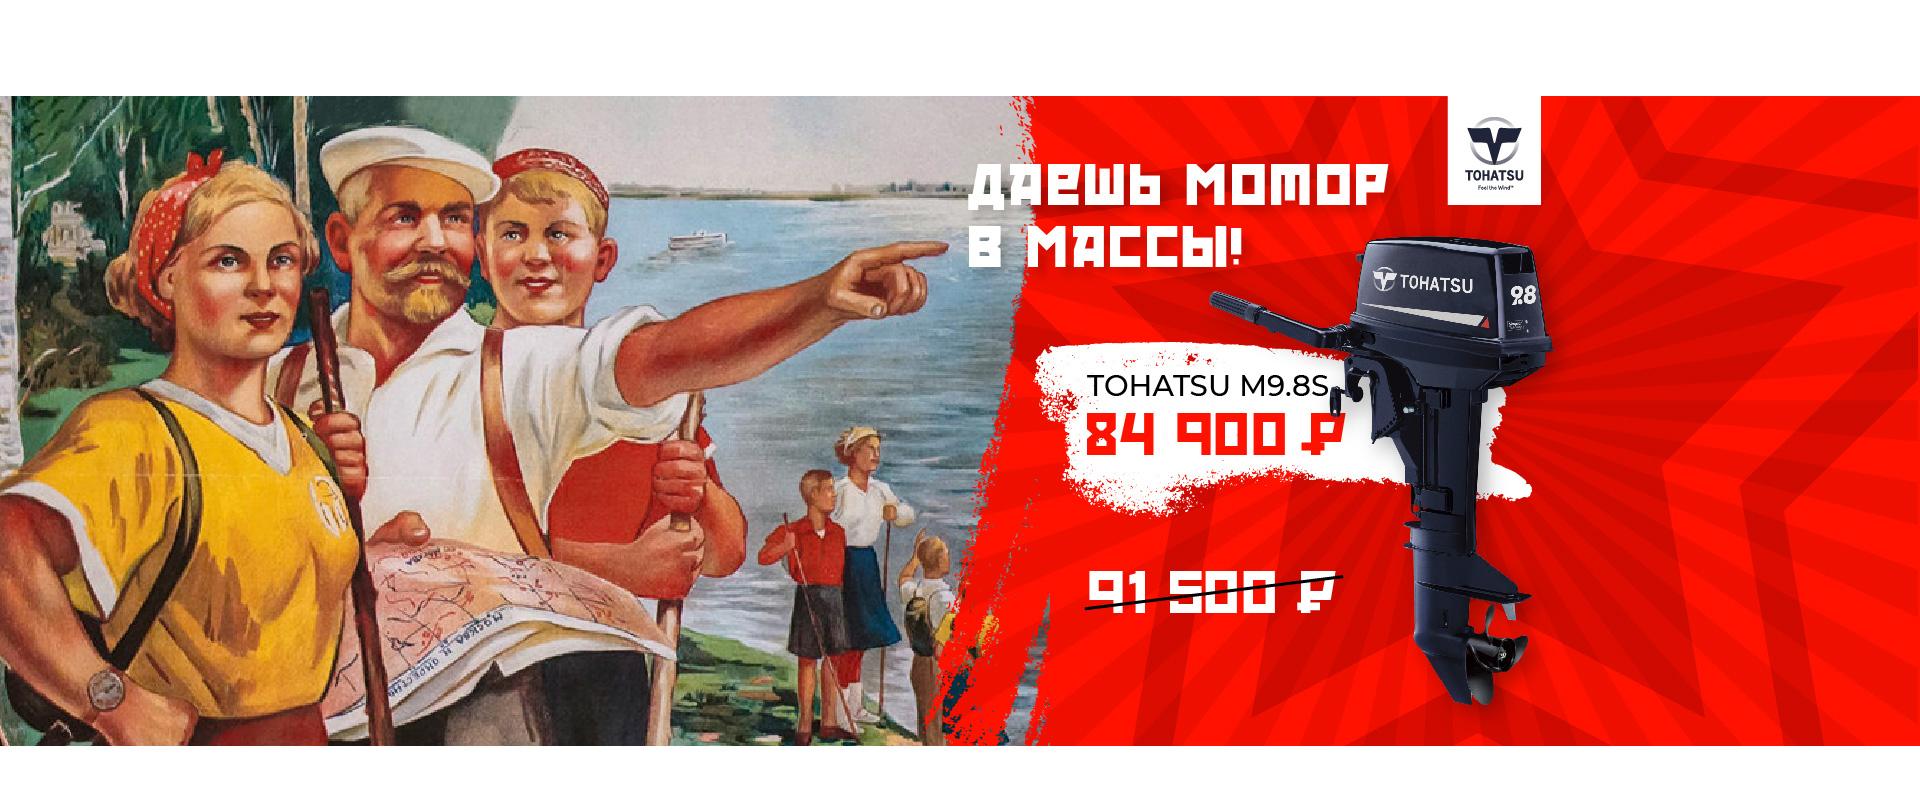 http://motohot24.ru/image/cache/catalog/Tohatsu_9.8-1920x800.jpg